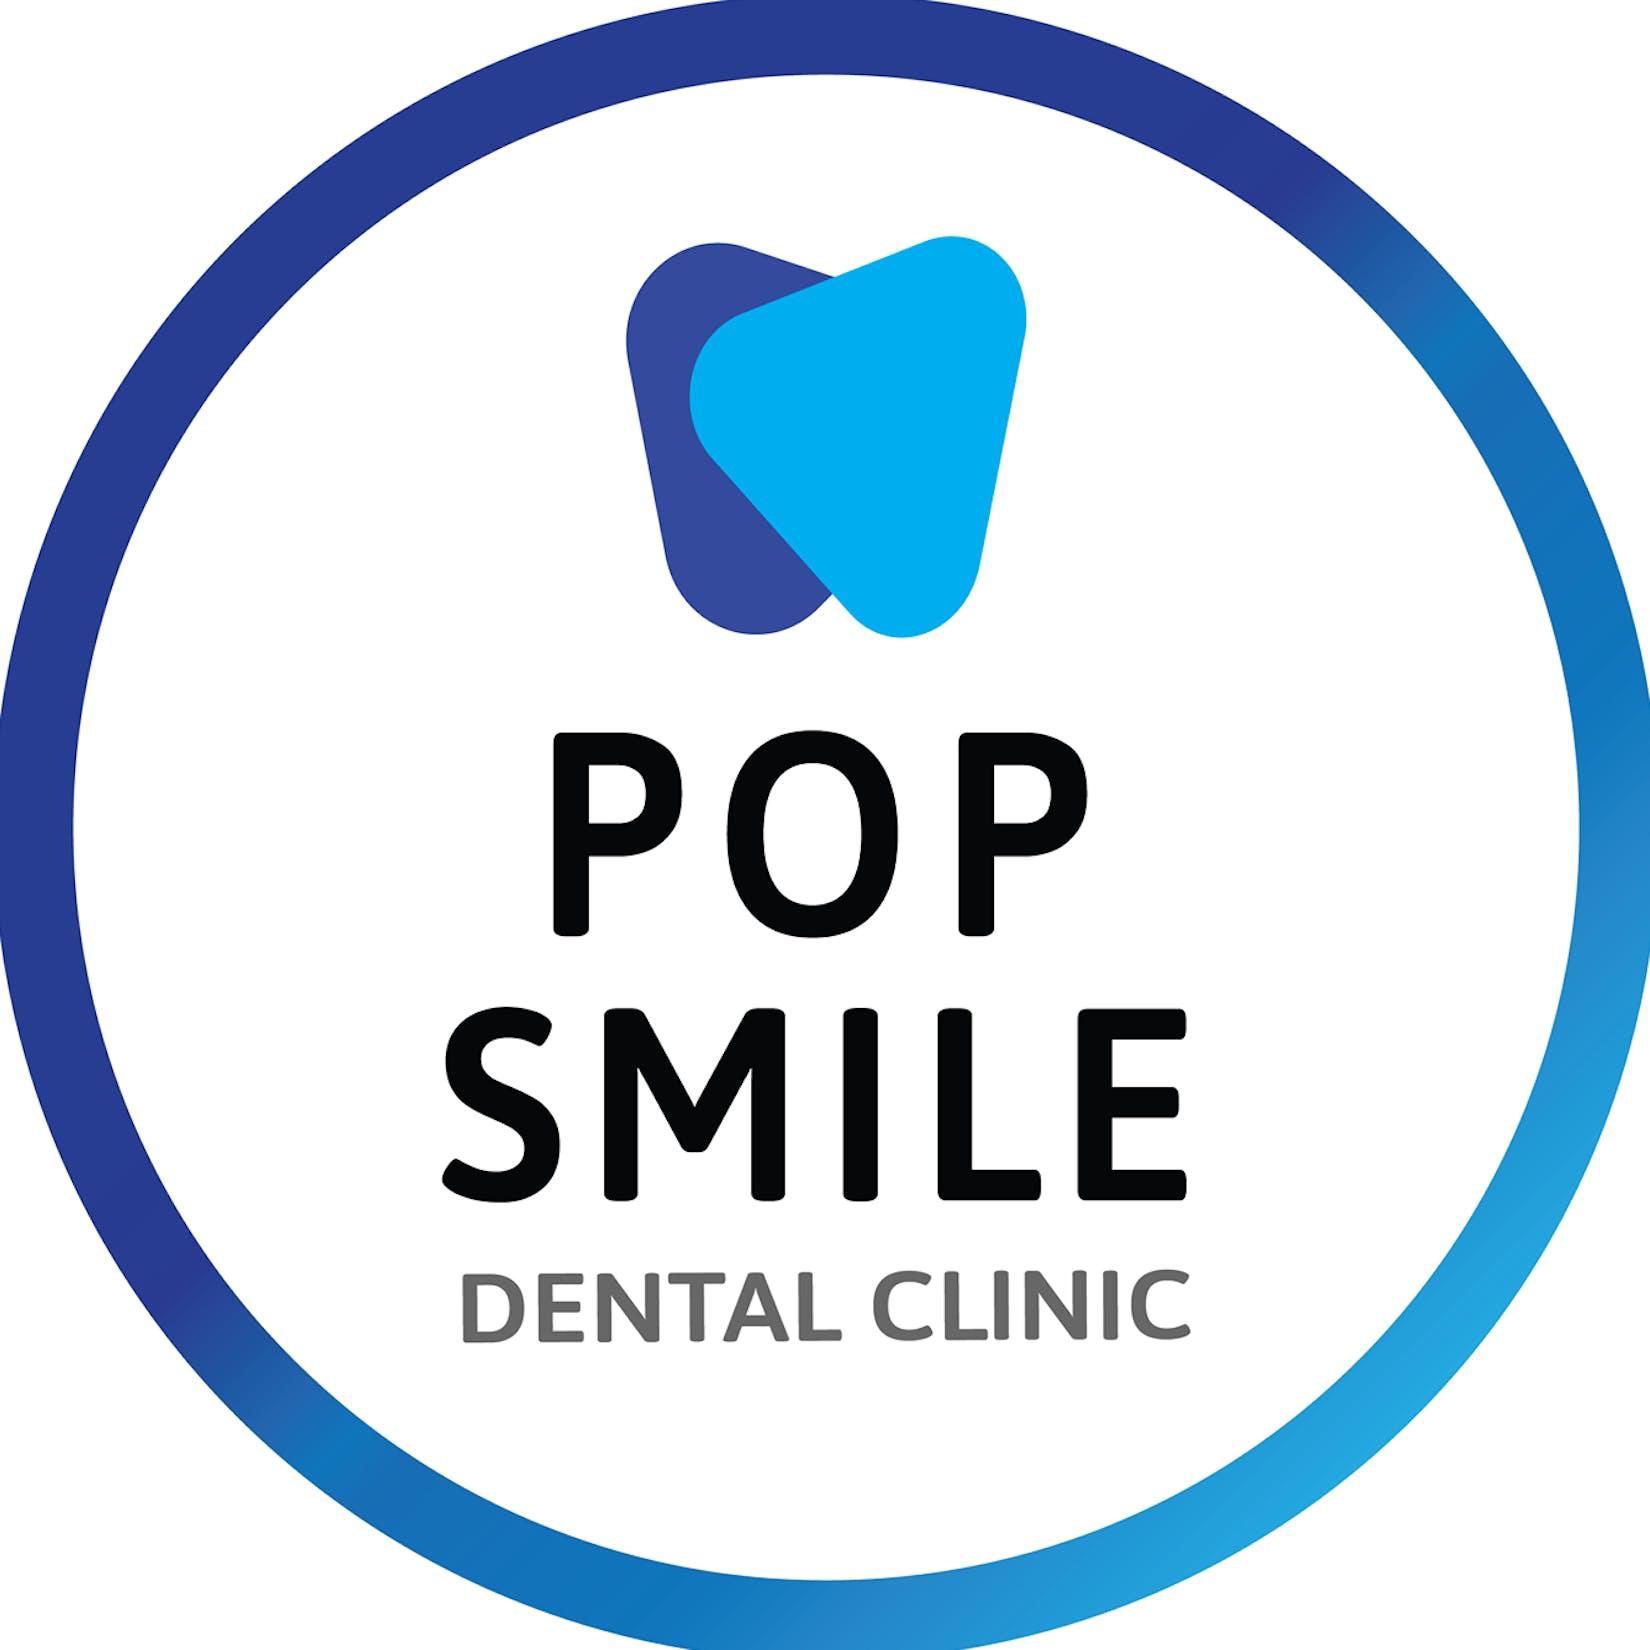 Pop Smile Dental Clinic | Medical